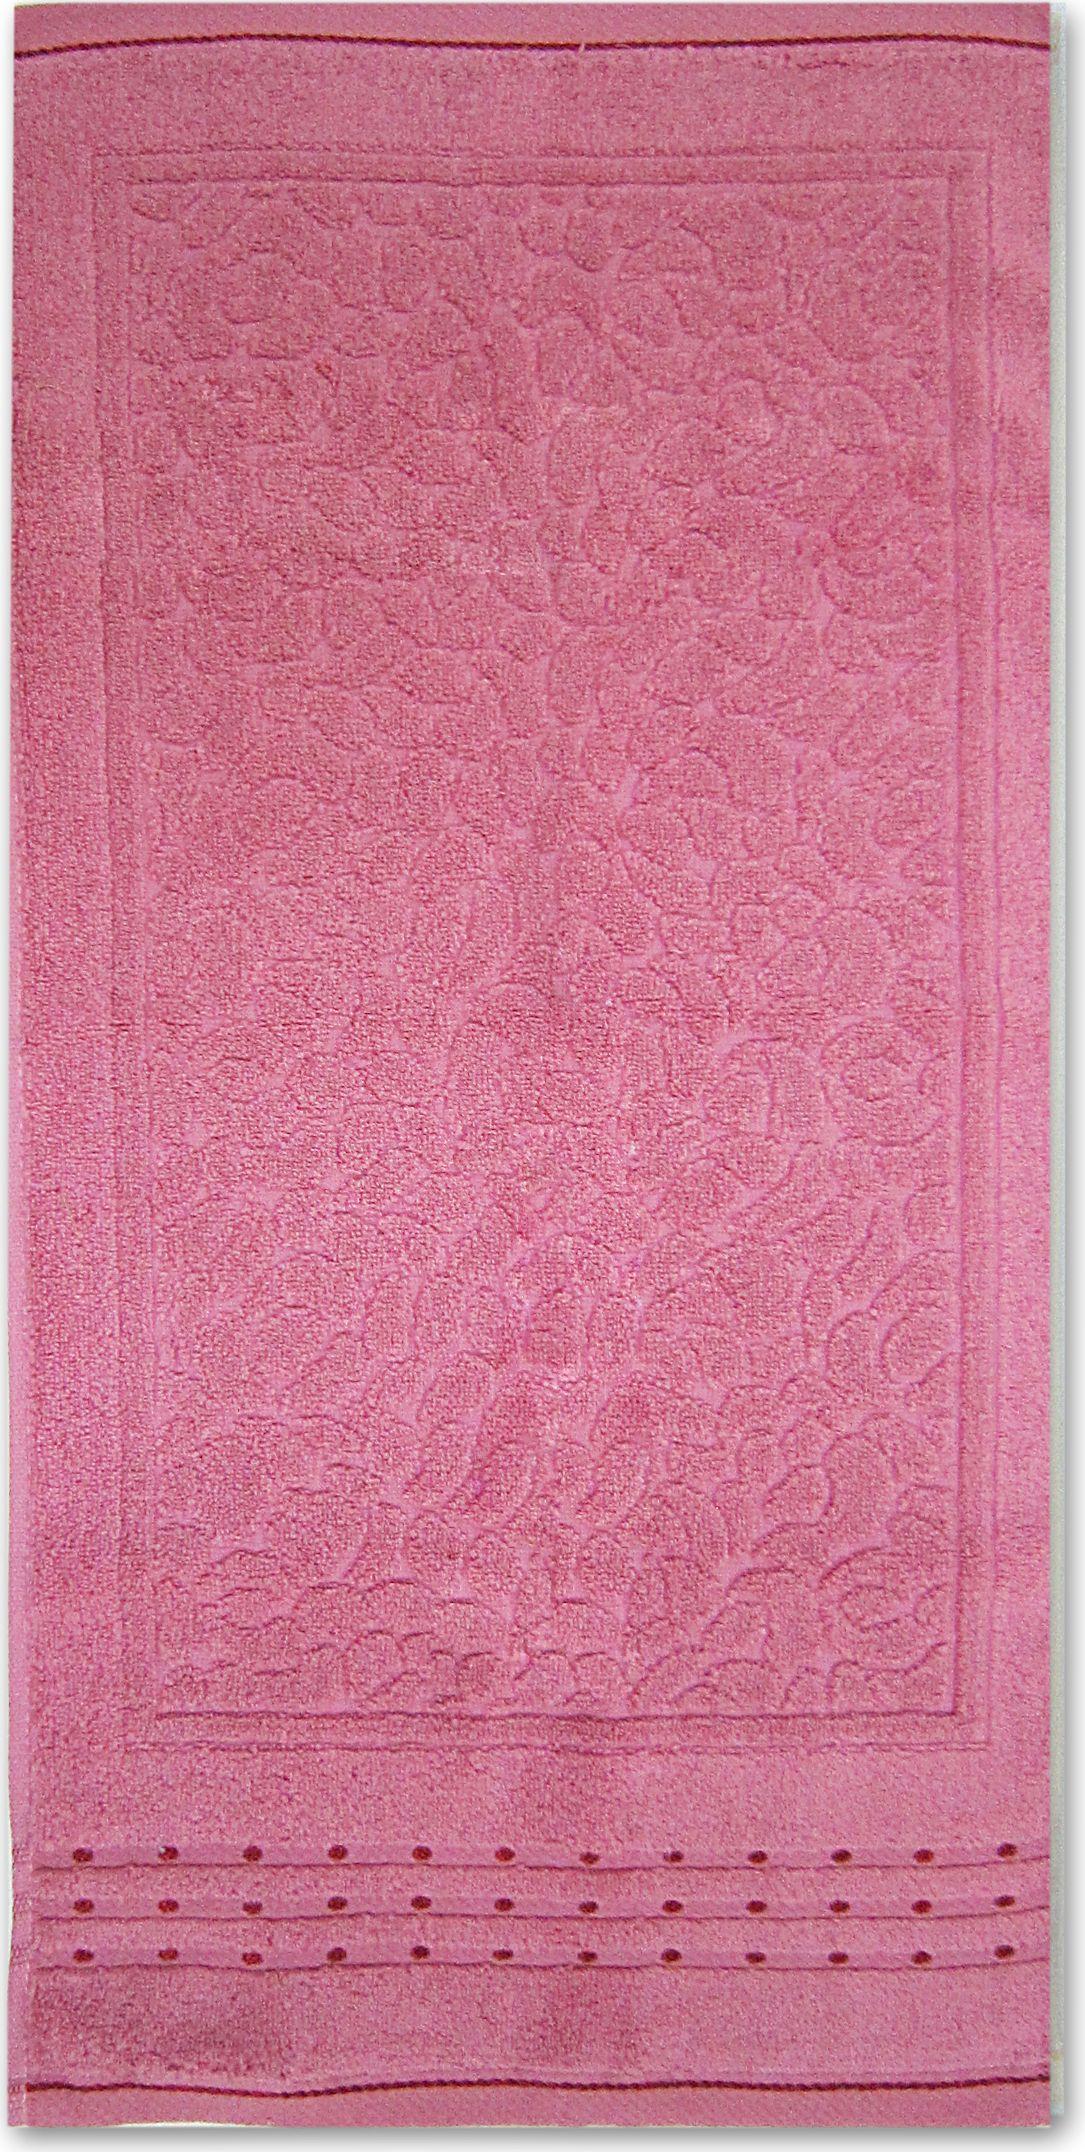 Полотенце махровое НВ Морион, цвет: персиковый, 50 х 90 см. м0742_1285549